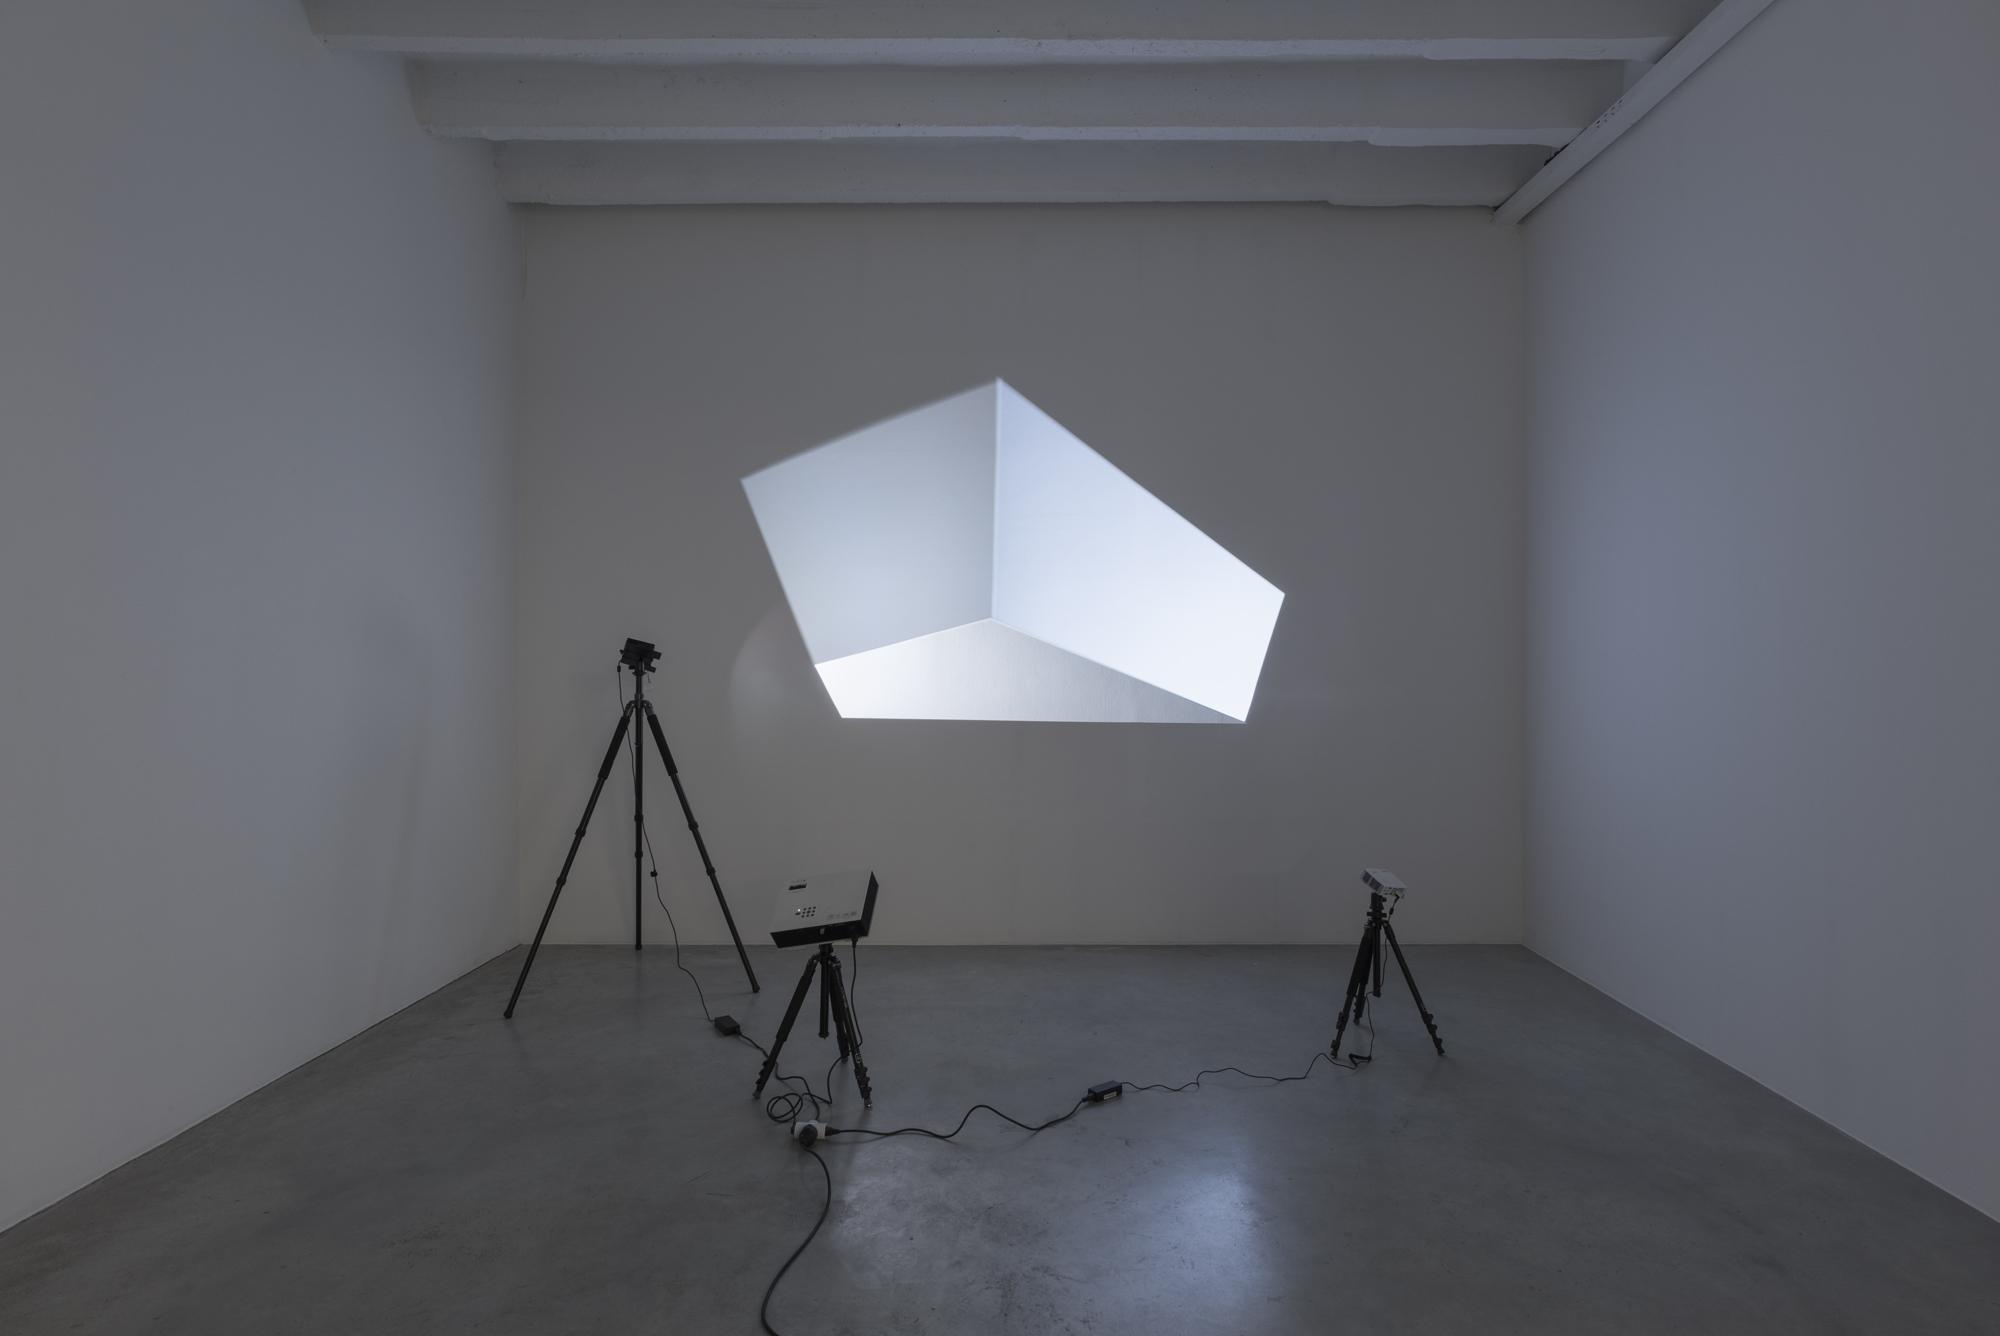 Vadim FISHKIN, Solidarity 3D, 2015, 3 projectors, 3 tripods, variable dimensions